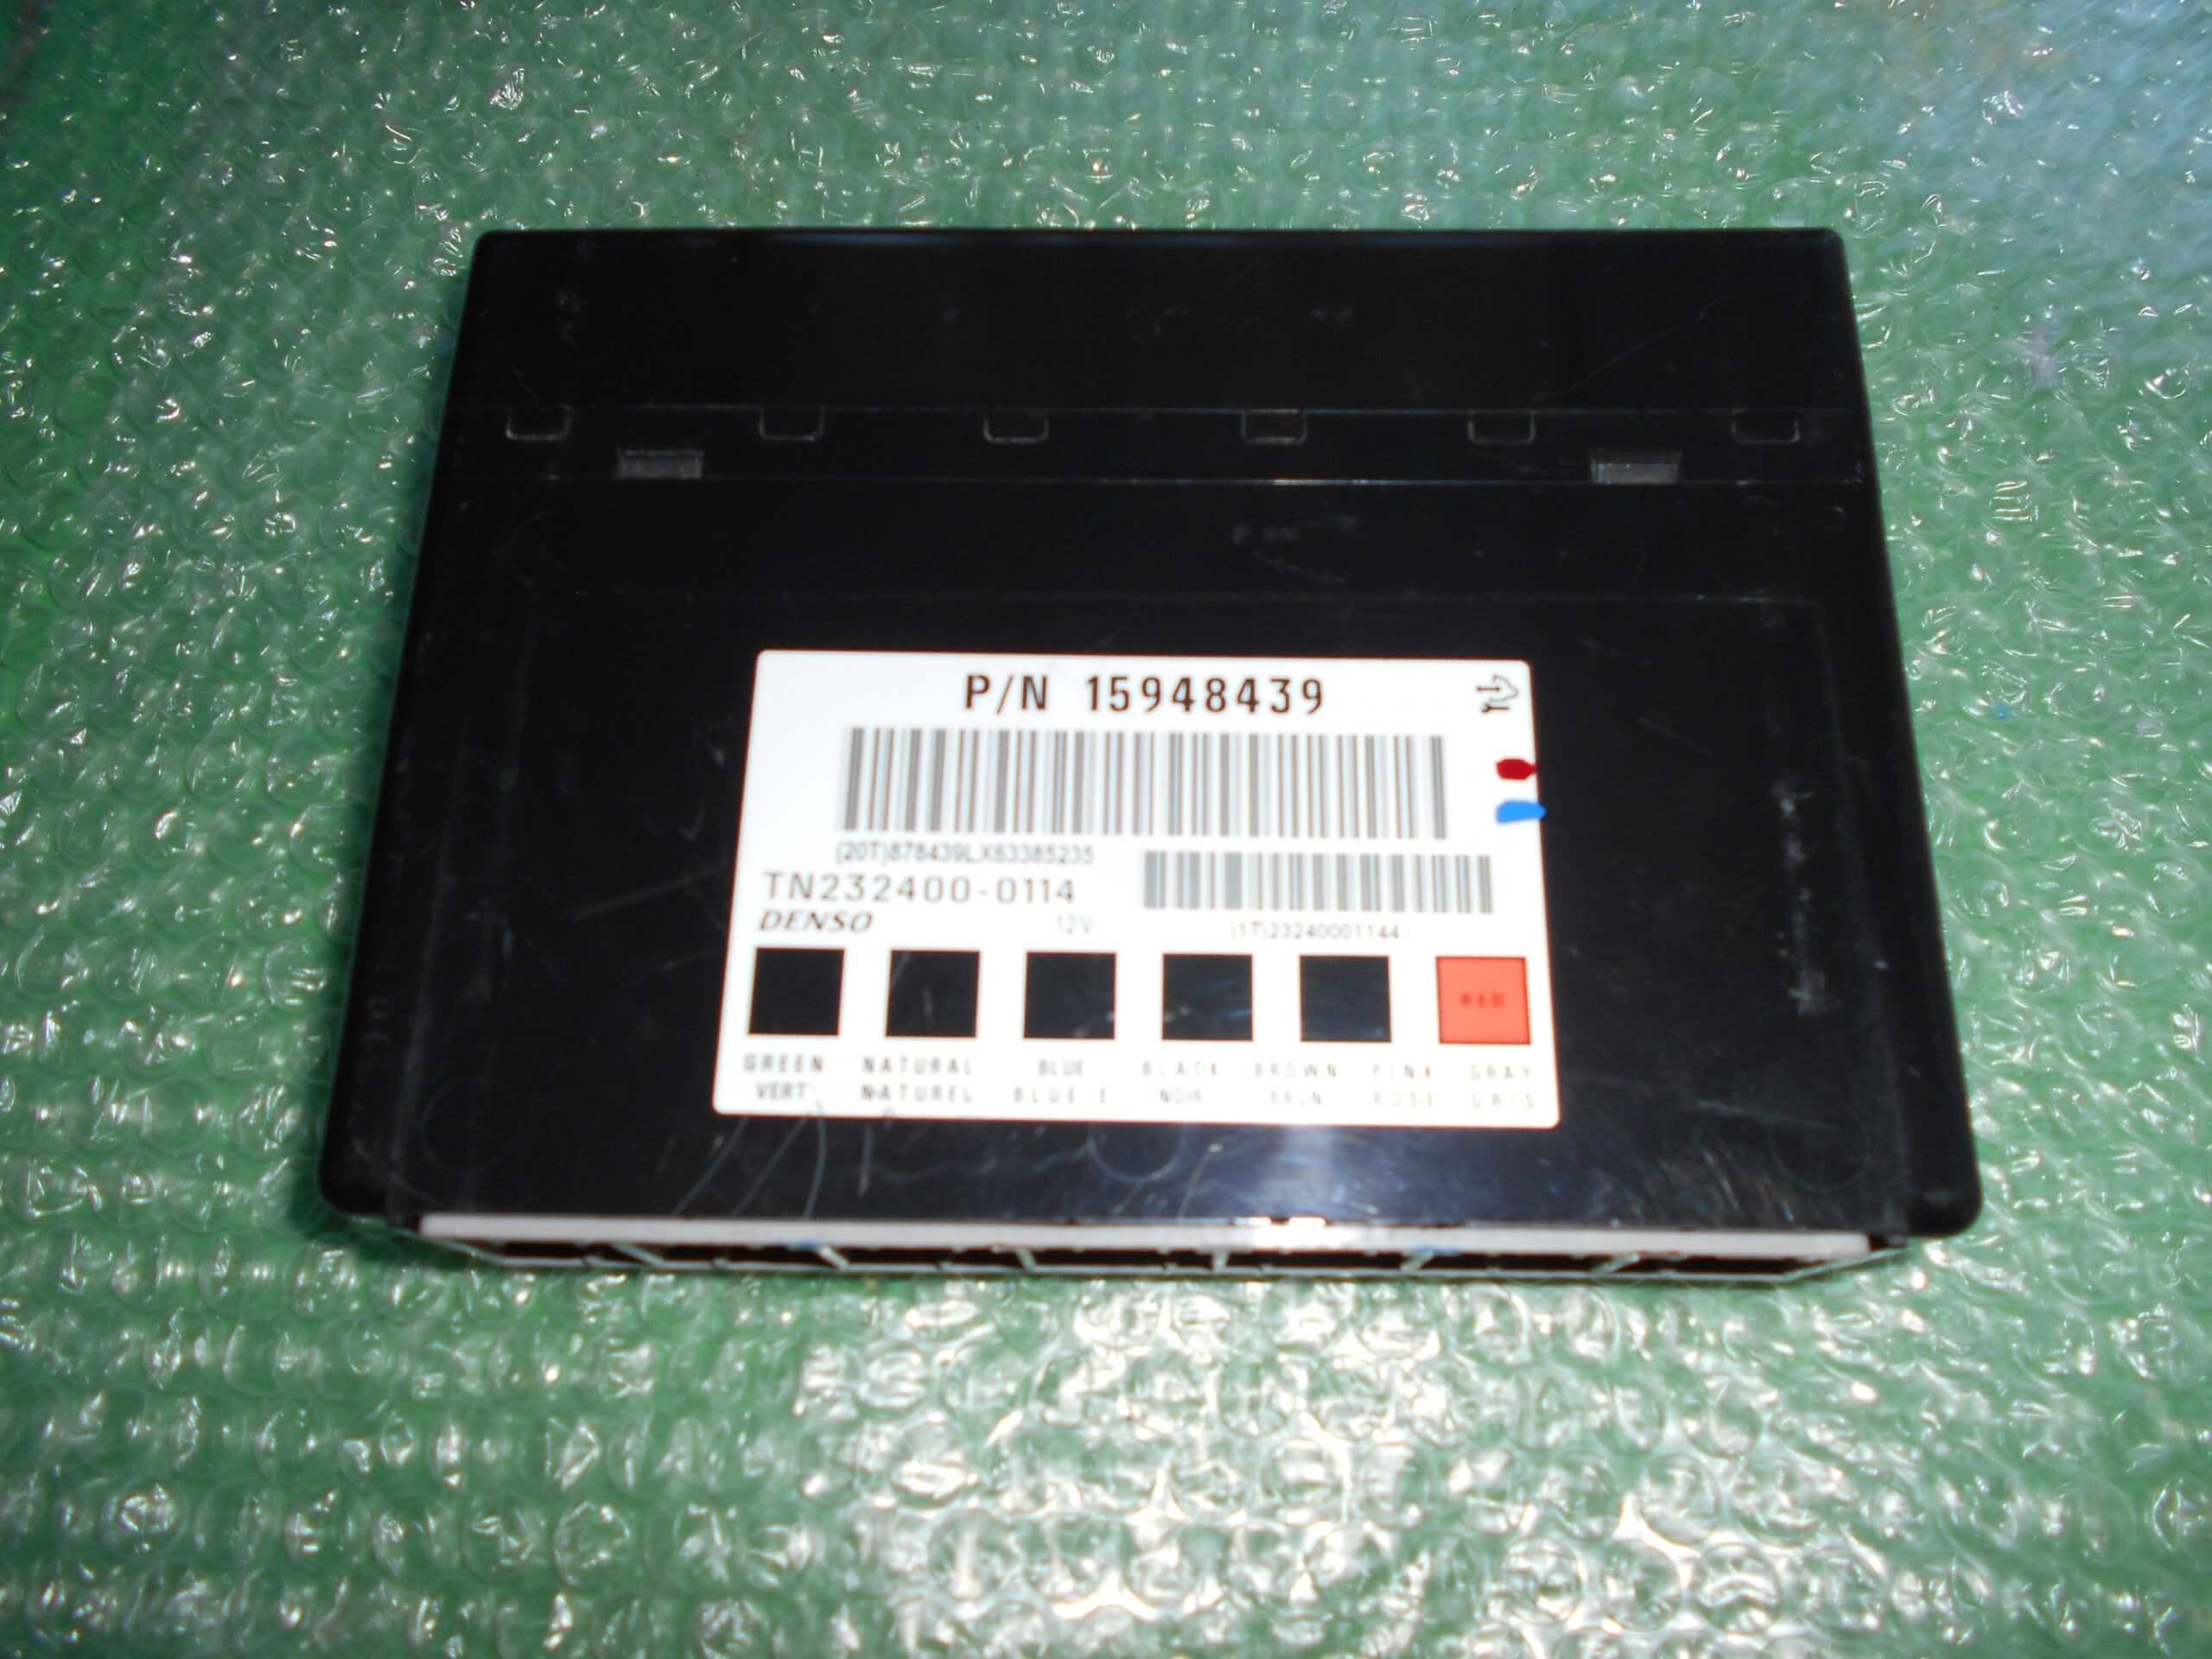 MODULO DE CONFORT BSI 15948439 – DENSO TN232400-0114 CHEVROLET CAPTIVA (2006-2012)